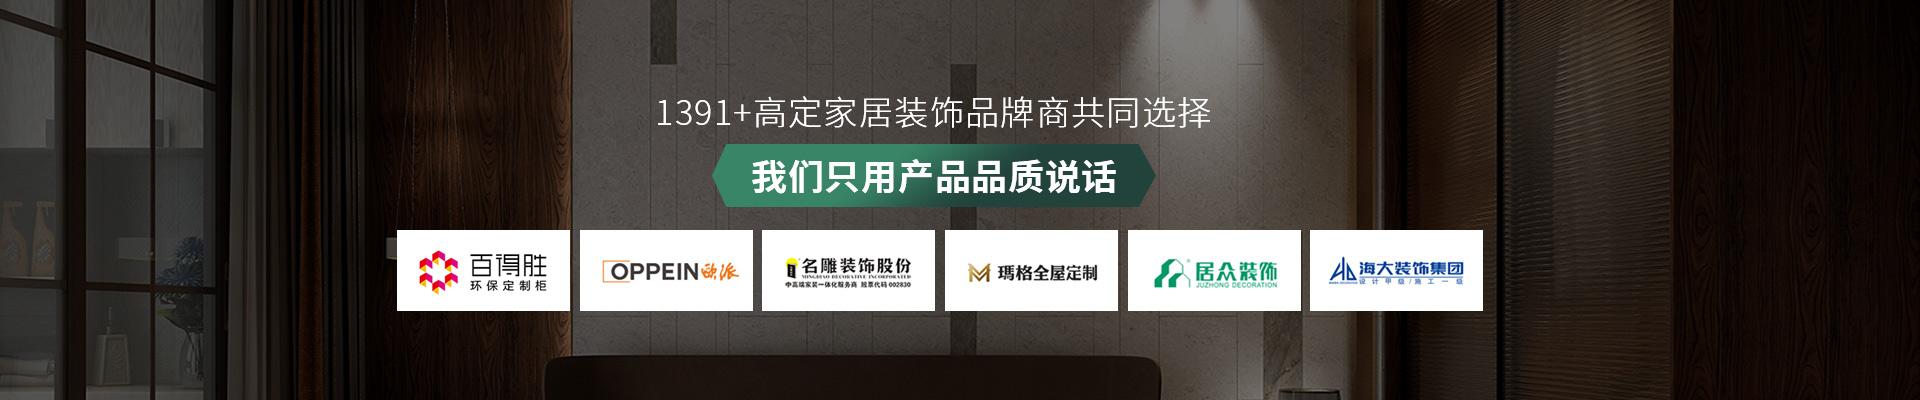 松博宇-1391+高定家居装饰品牌商共同选择